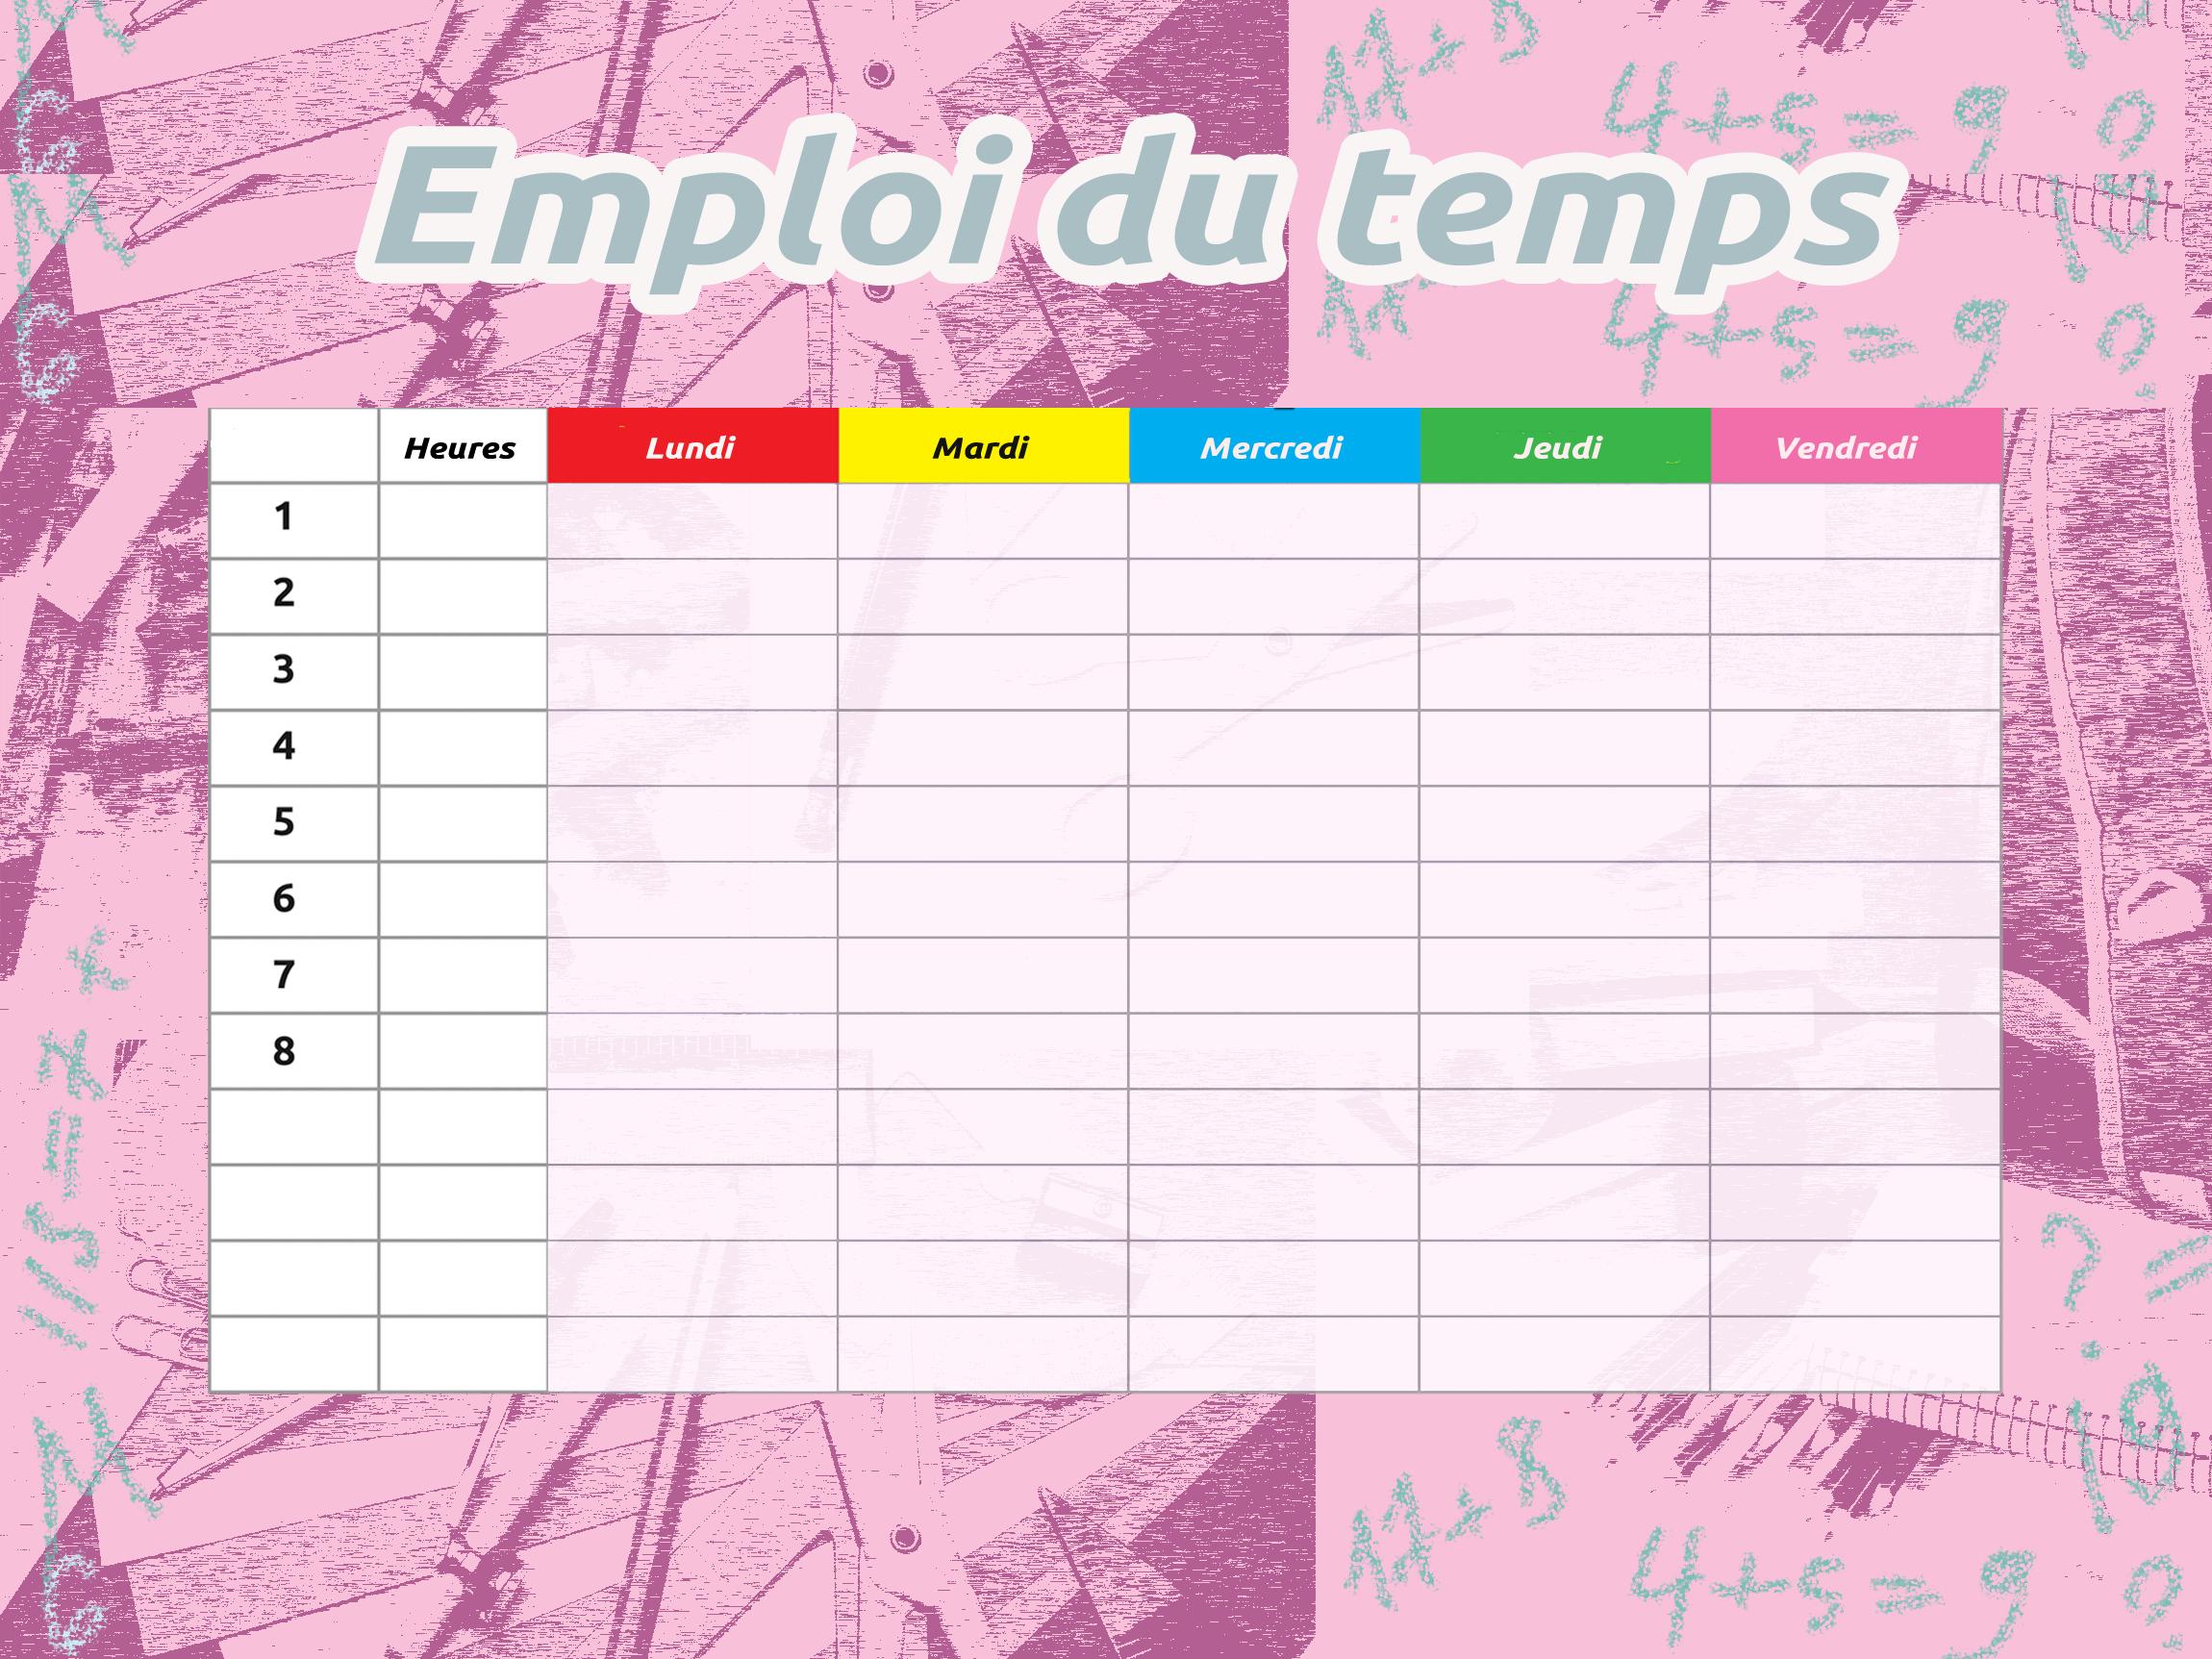 Image gratuite horaires de cours – École cliparts